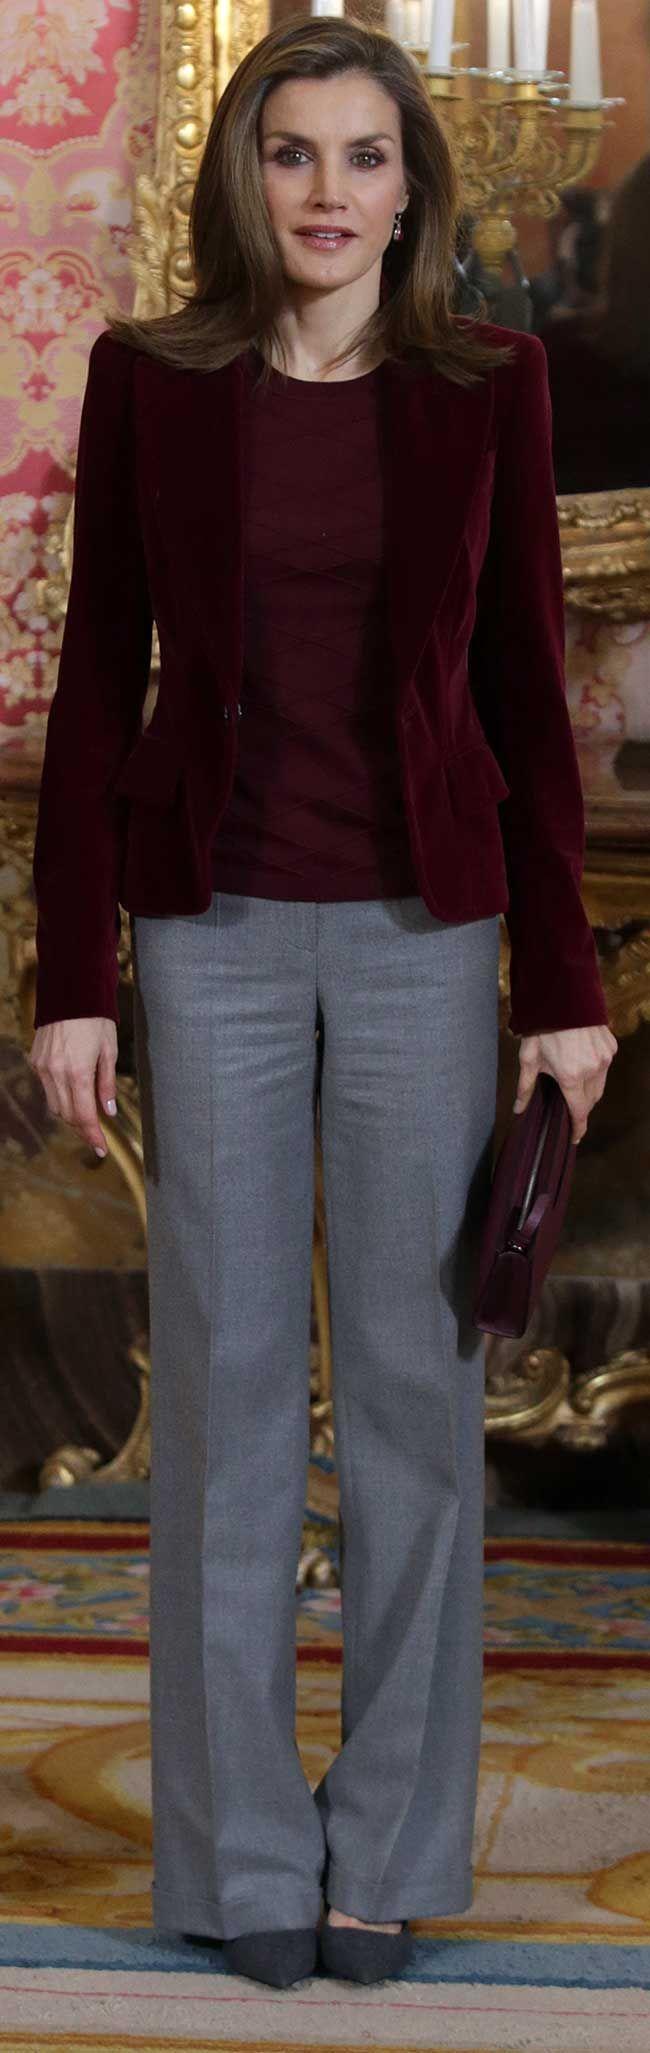 La Reina Letizia ha reaparecido en gris y terciopelo burdeos para reunirse con los patronos de la Fundación Princesa de Asturias.